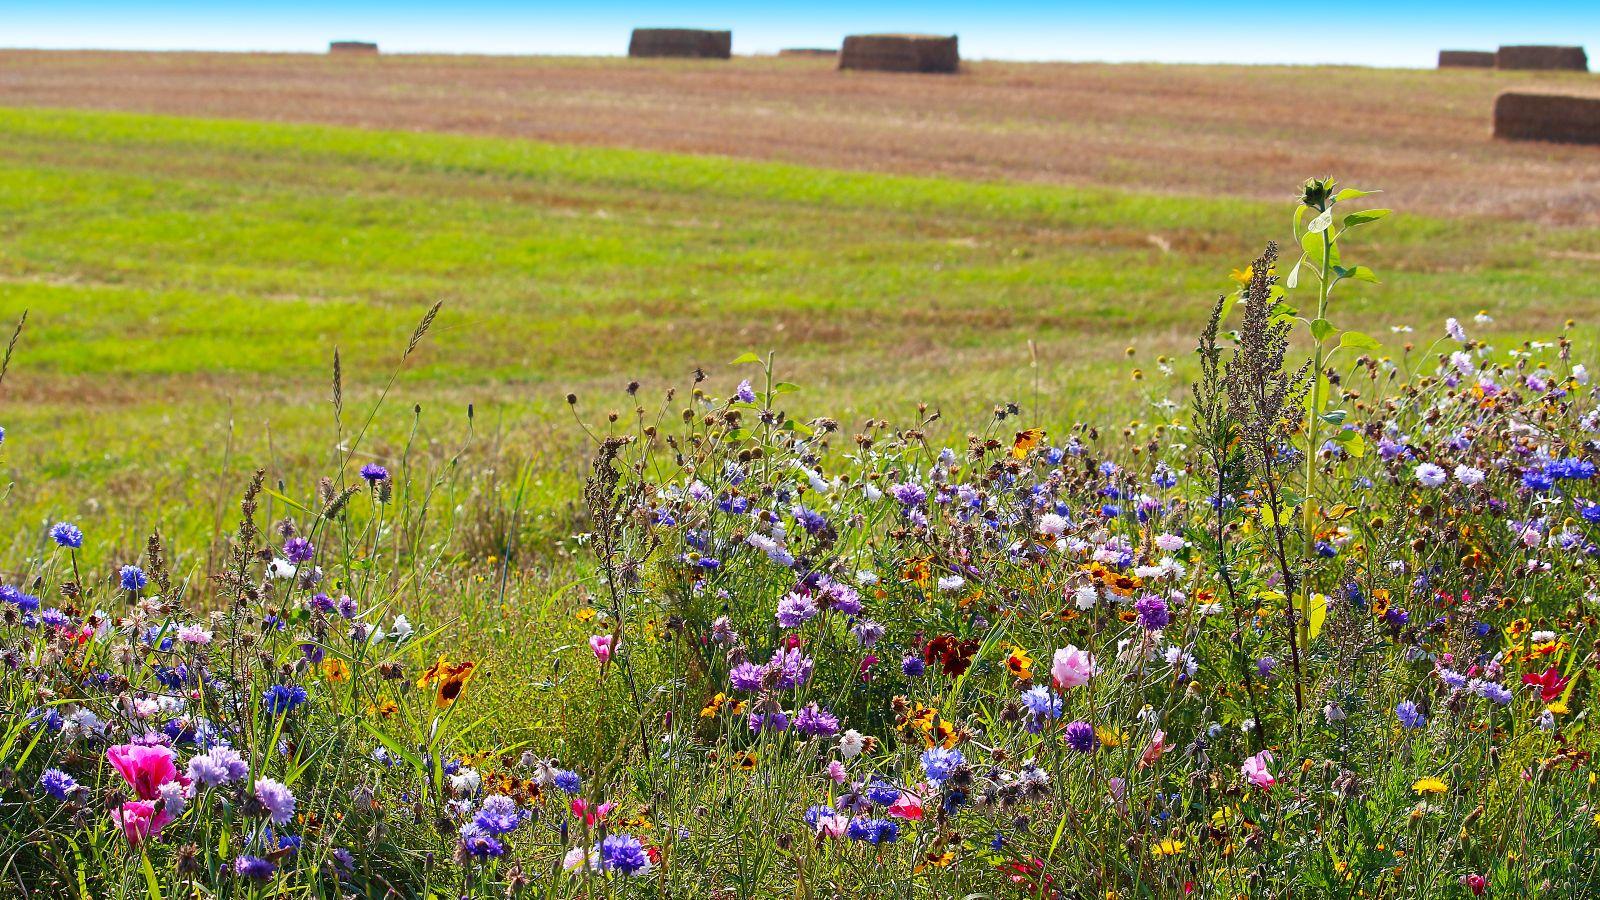 Vor einem abgeernteten Feld mit Strohballen steht eine bunte Wildblumenwiese.